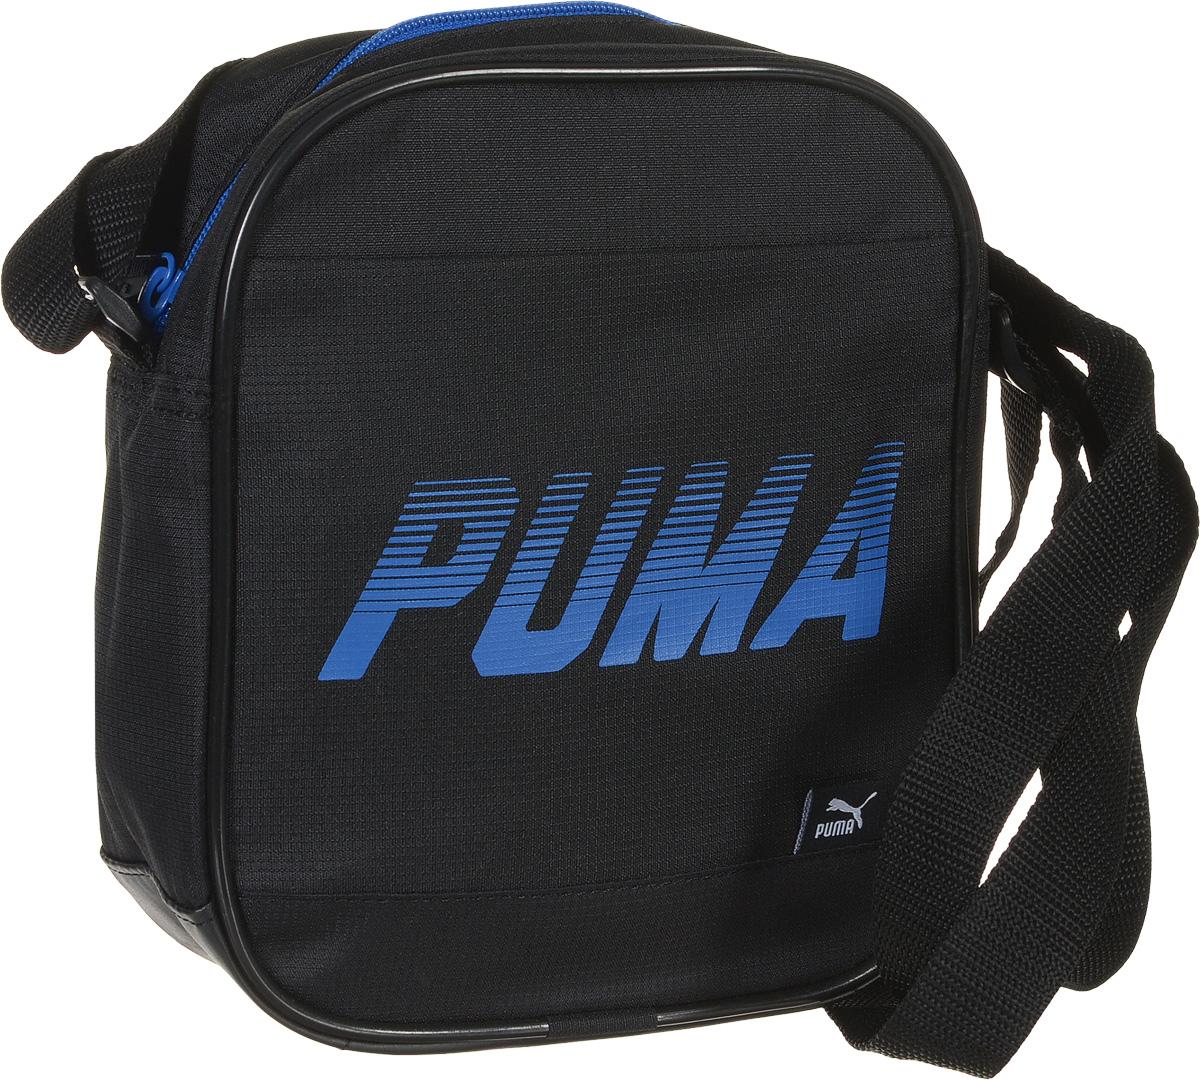 Сумка на плечо Puma Sole Portable, цвет: черный. 0741550107415501Сумка на плечо для документов Sole Portable от спортивной марки Puma выполнена из текстиля. Модель декорирована надписью с названием бренда, цветными металлическими язычками застежек-молний с символикой Puma. Сумка имеет главное отделение на молнии и небольшой прорезной карман на молнии внутри, изделие оснащено функциональной подкладкой из полиэстера150D с изнанкой из полиуретана, а так же удобной лямкой через плечо регулируемой длины из лямочной ленты. Основанный в 1948 году бренд Puma стал выбором многих героев мирового спорта. Дизайн Puma сосредоточен на стиле и функциональности моделей, поэтому коллекции брендовой одежды и обуви сочетают современный стиль с инновационными спортивными технологиями